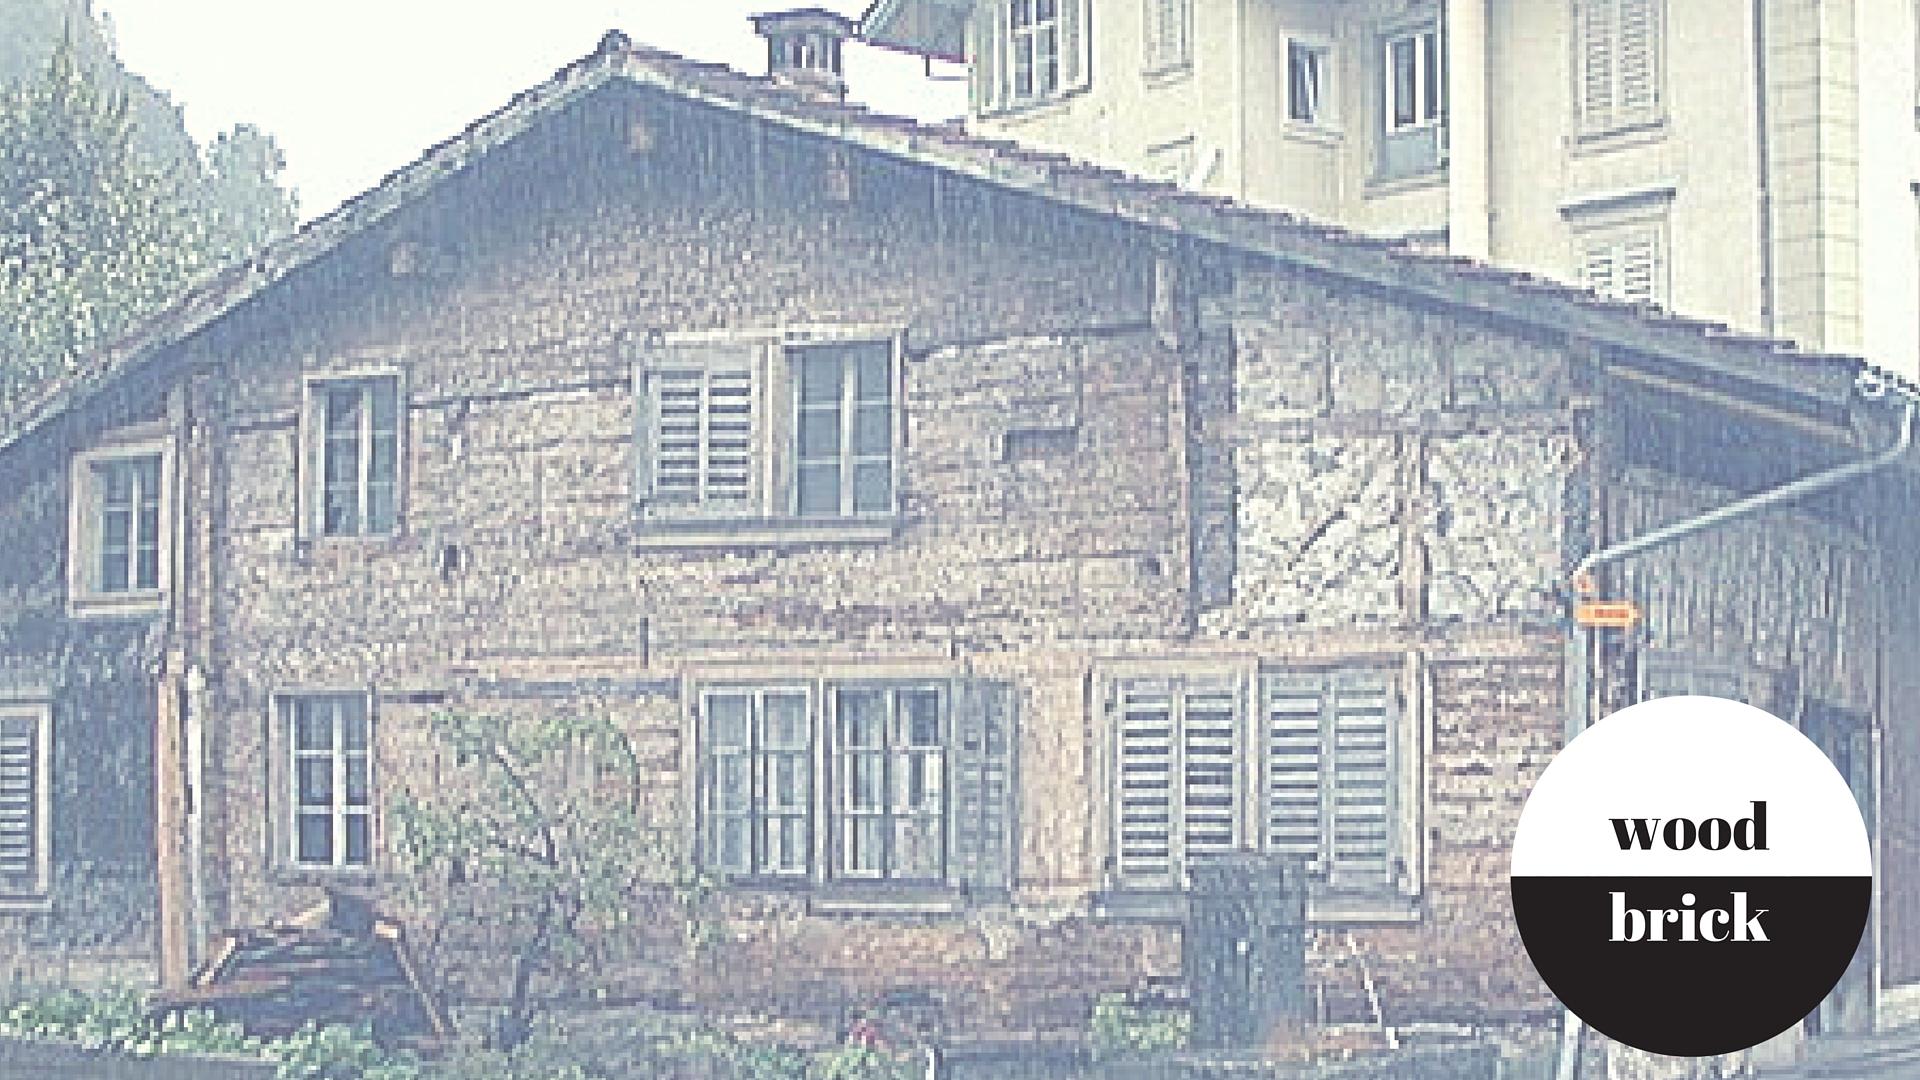 Quanto durano le case in legno jove for Durata casa in legno